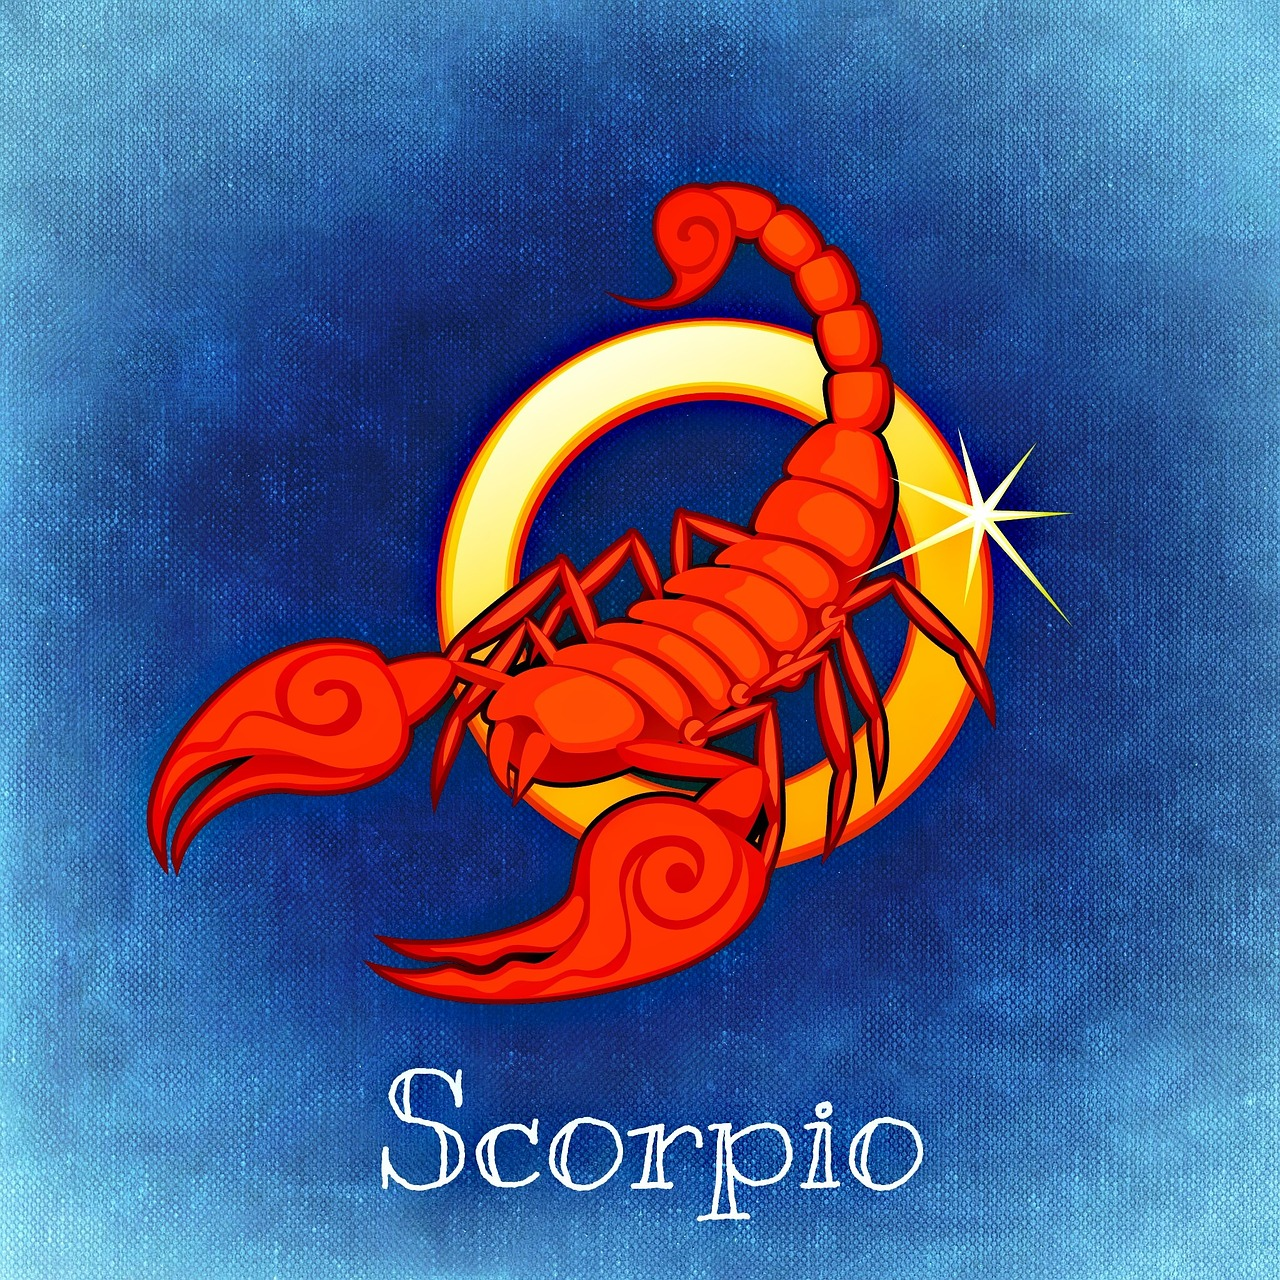 Для скорпиона поздравление с